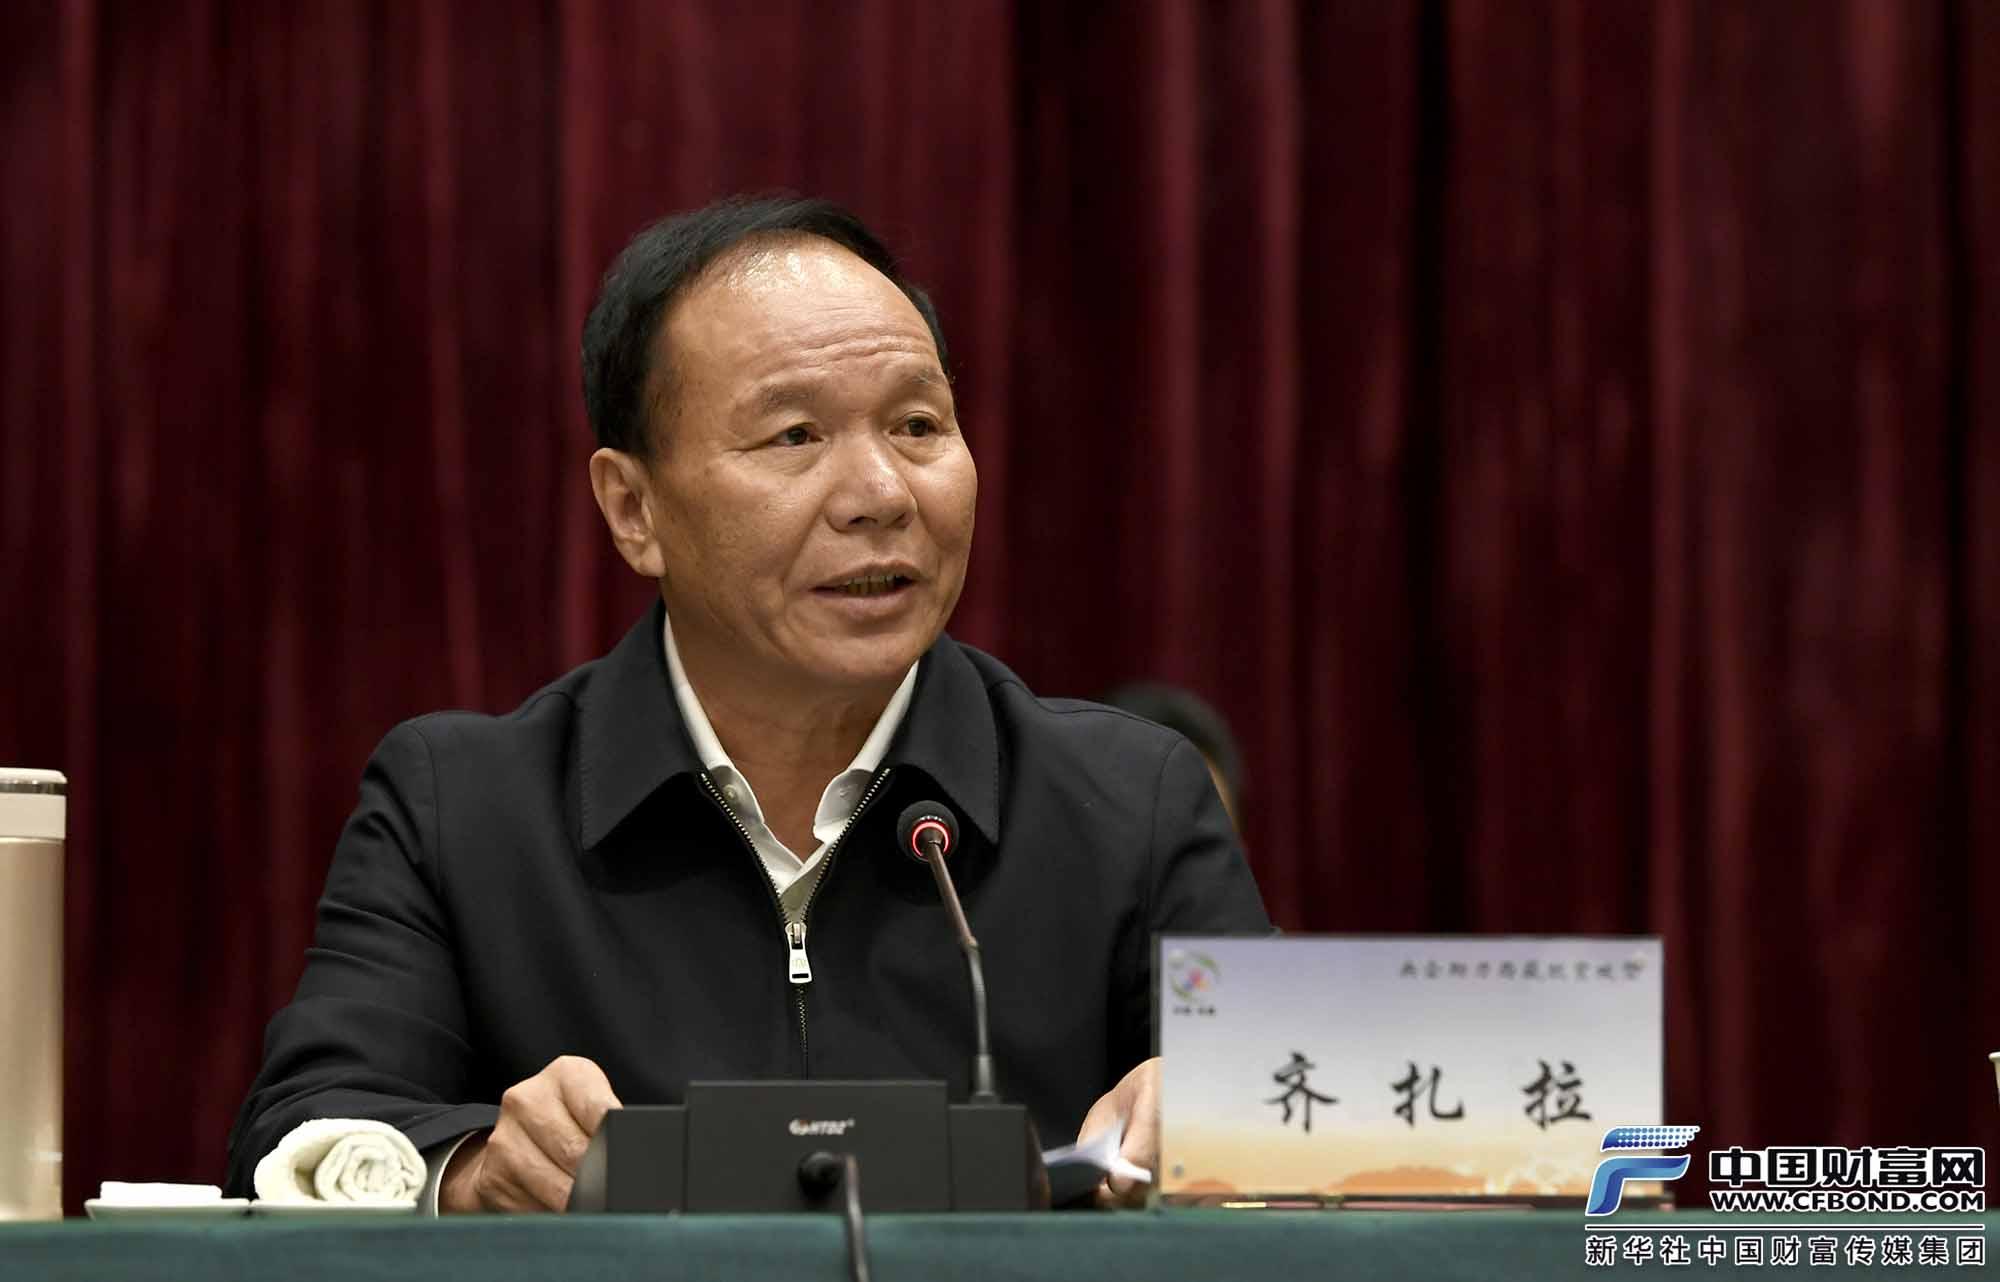 央企助力西藏脱贫攻坚会议暨签约仪式在拉萨举行